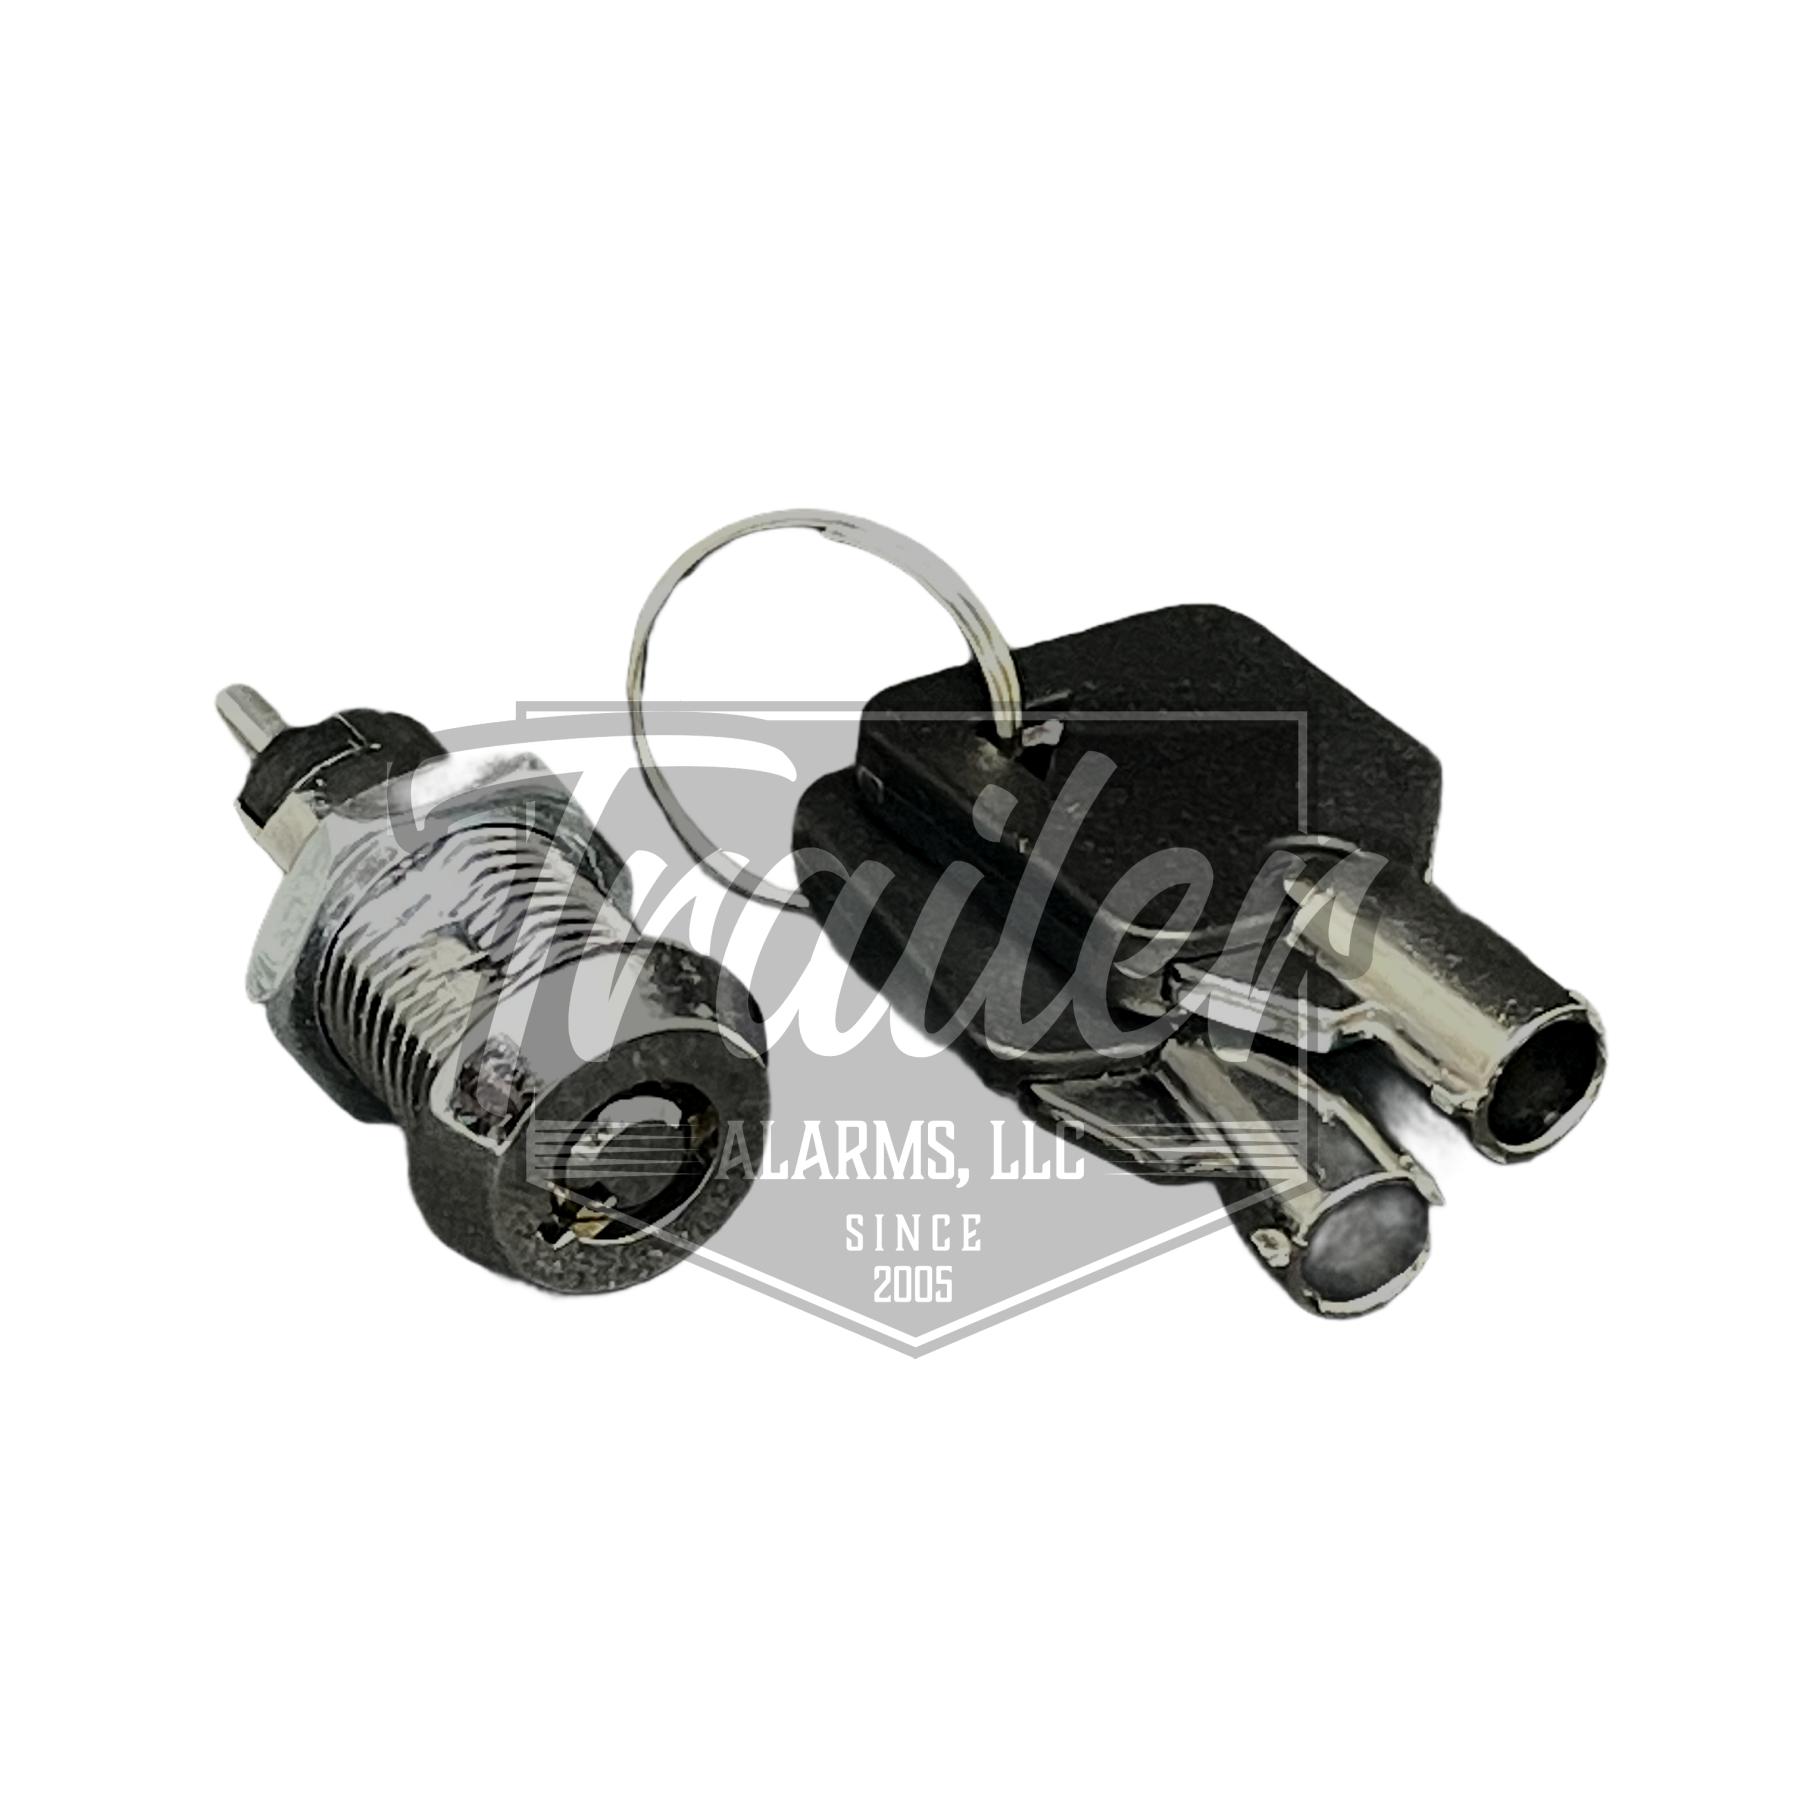 Key switch product image